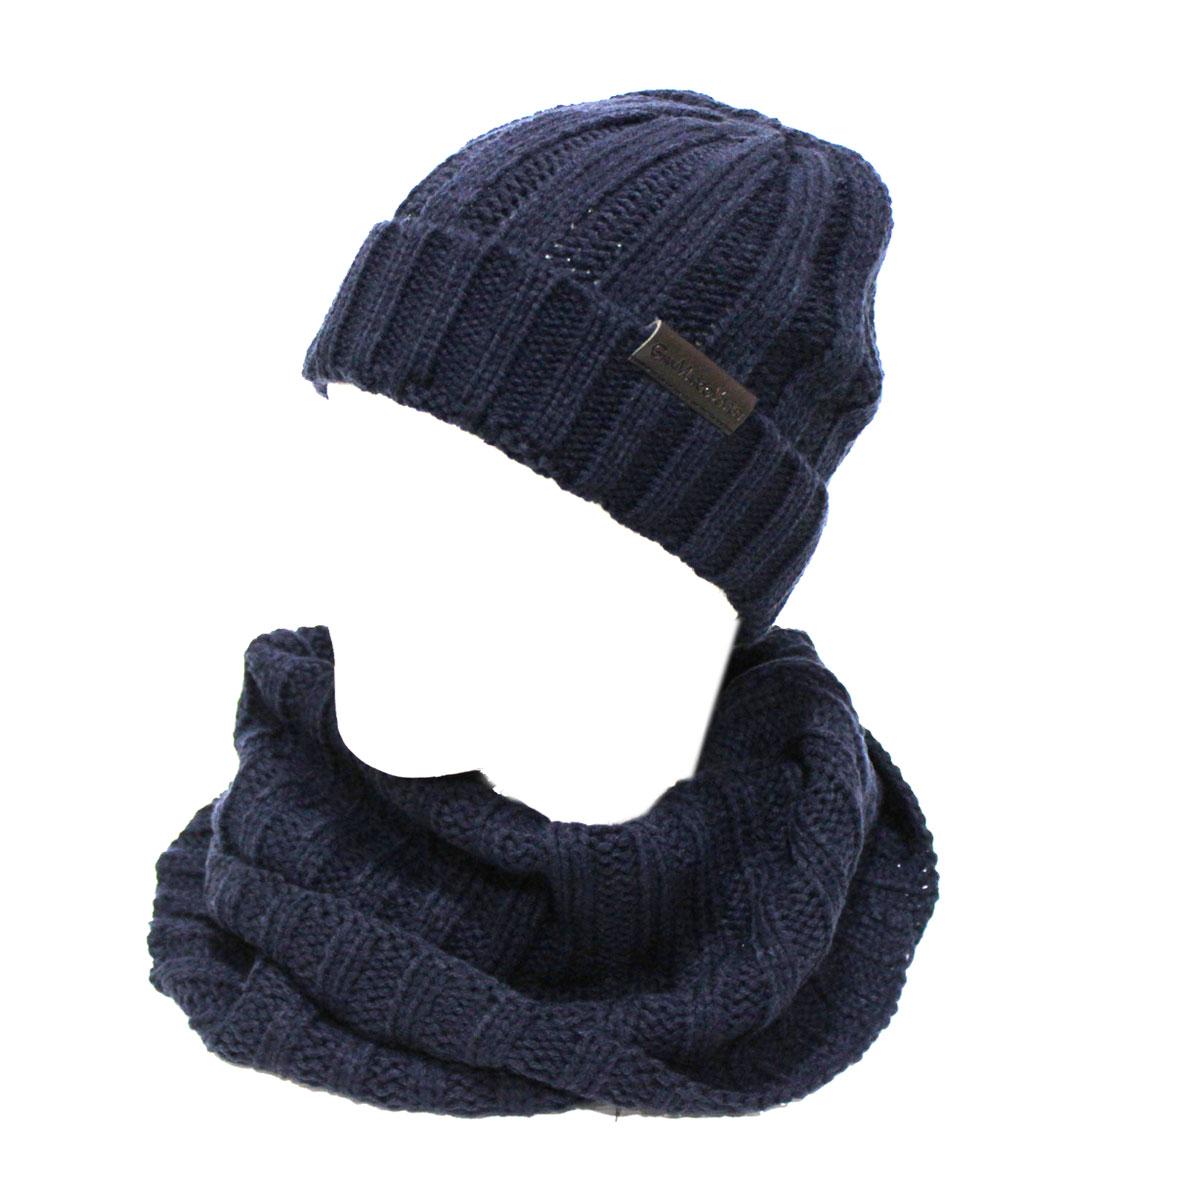 Set sciarpa e cappello uomo 100/% ACRILICO in box GIAN MARCO VENTURI 71774 grigio